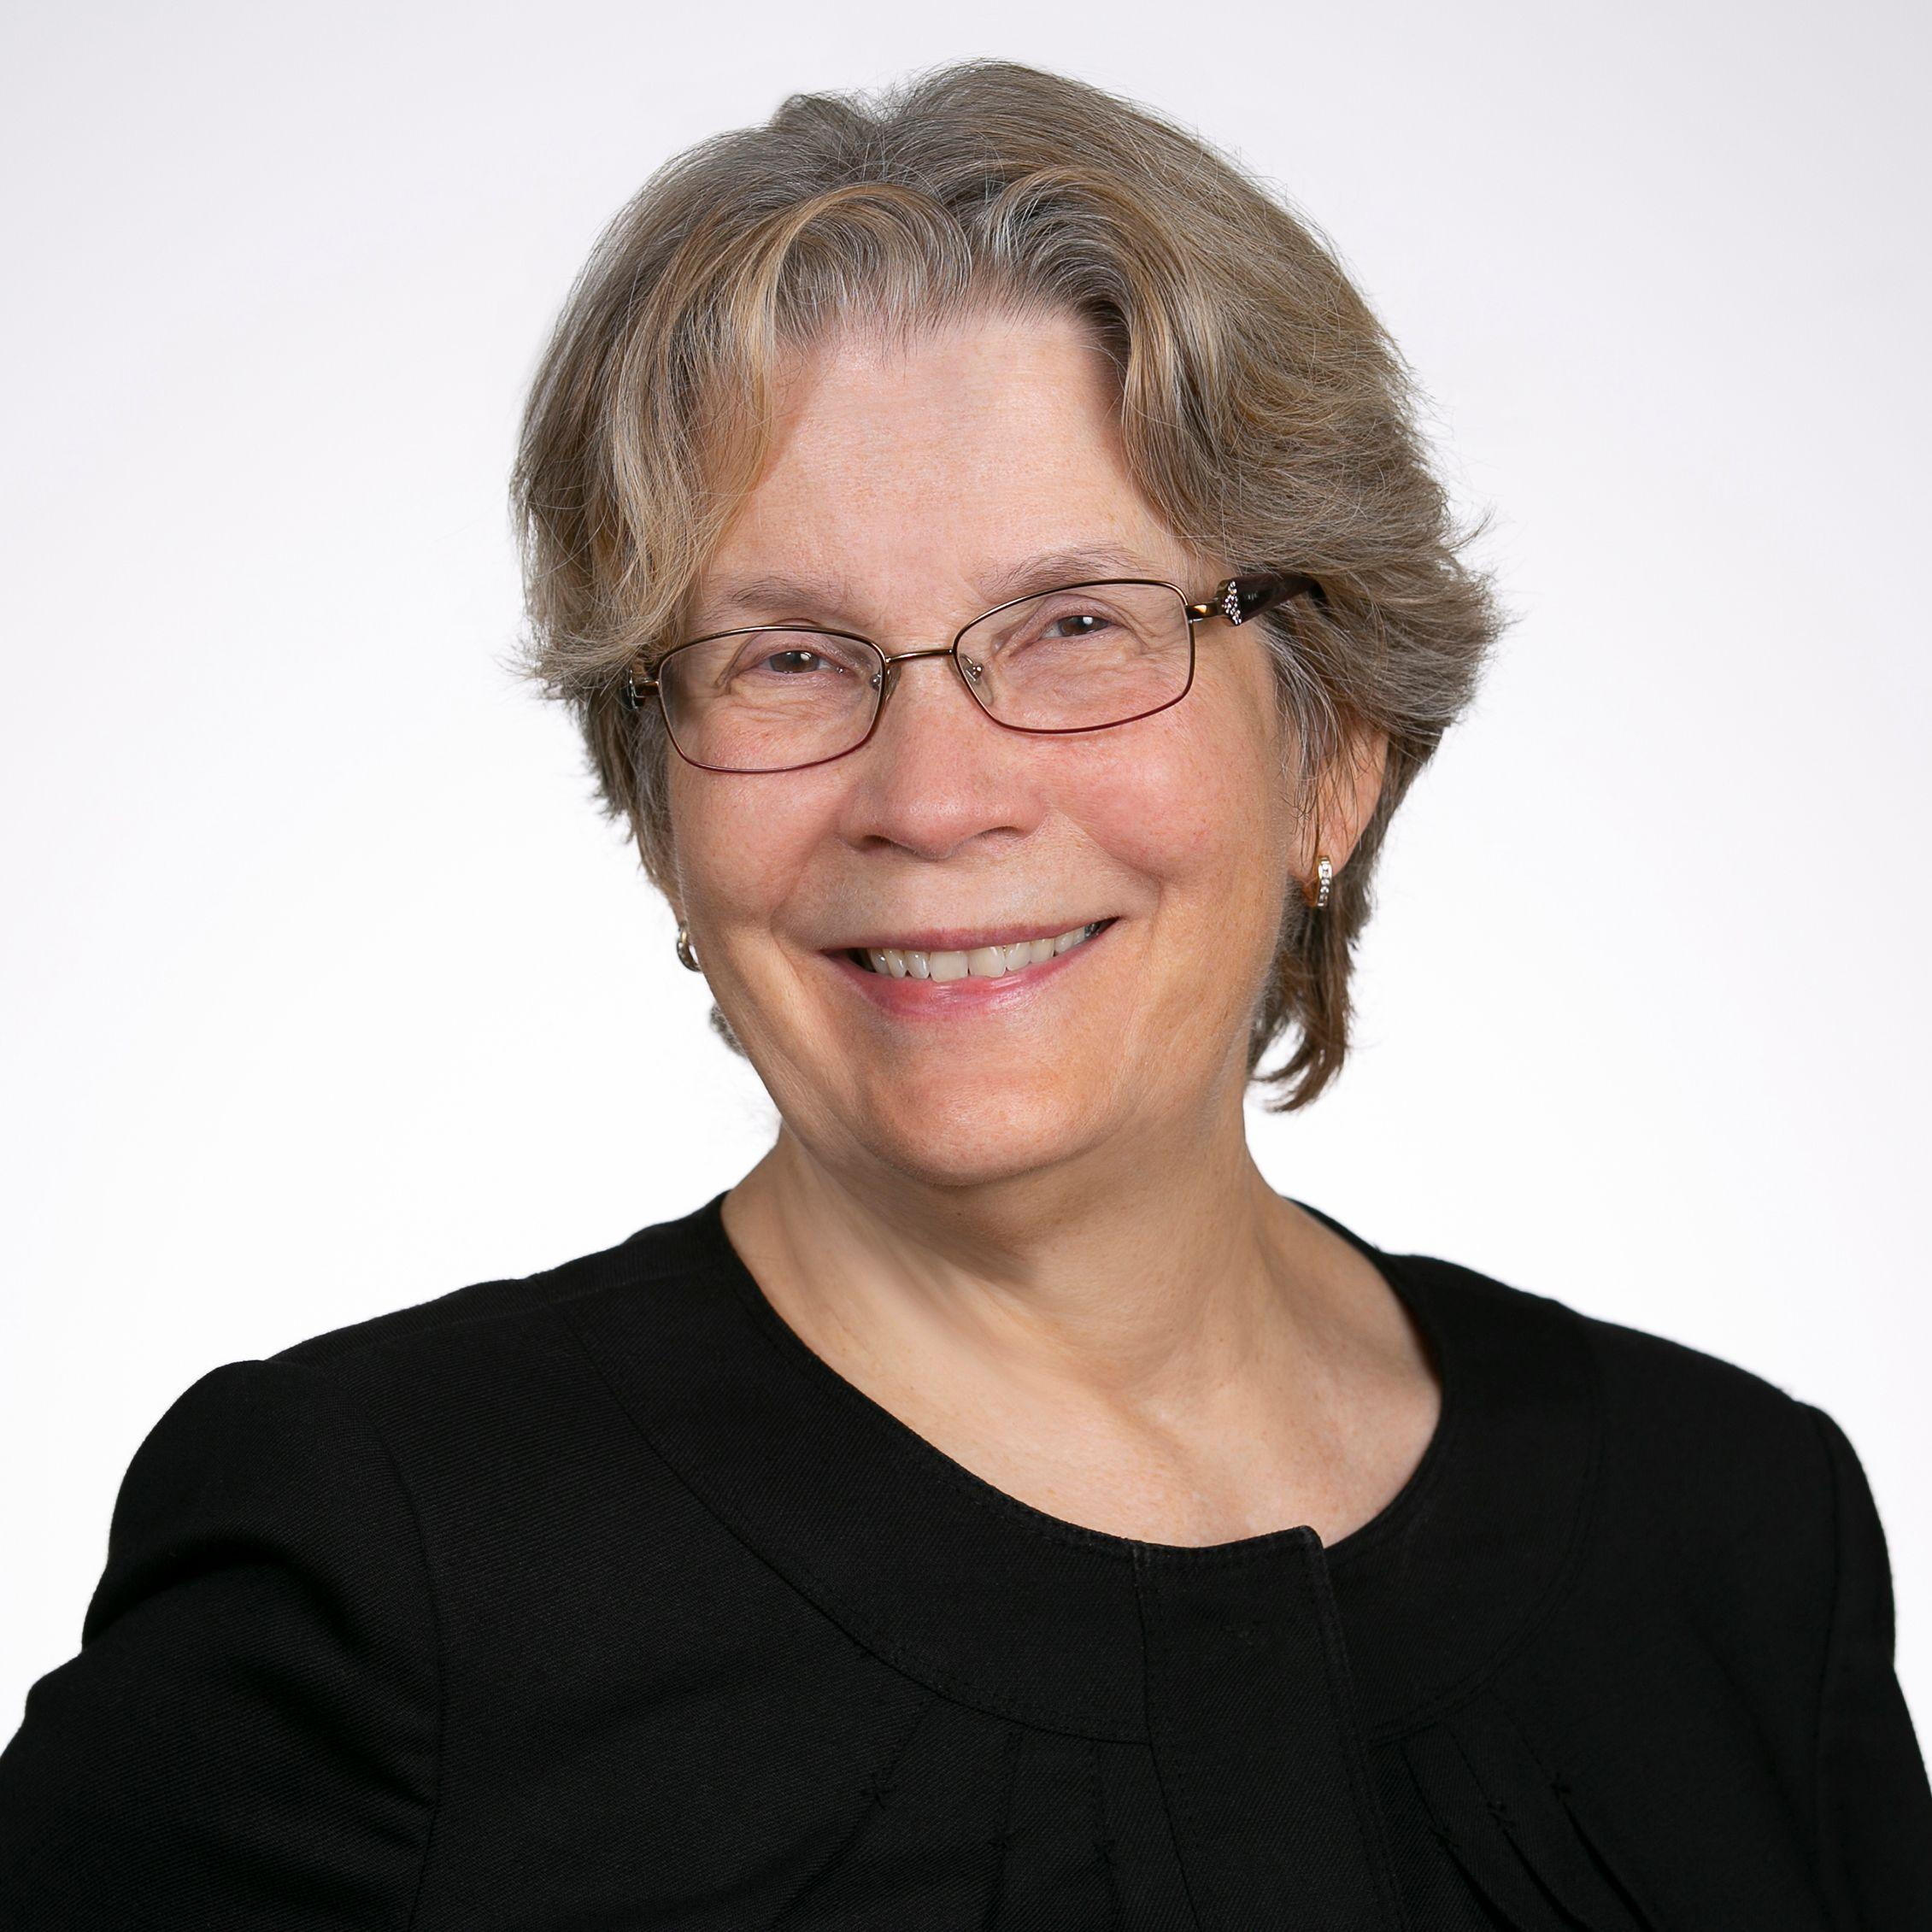 Harriet Ullman